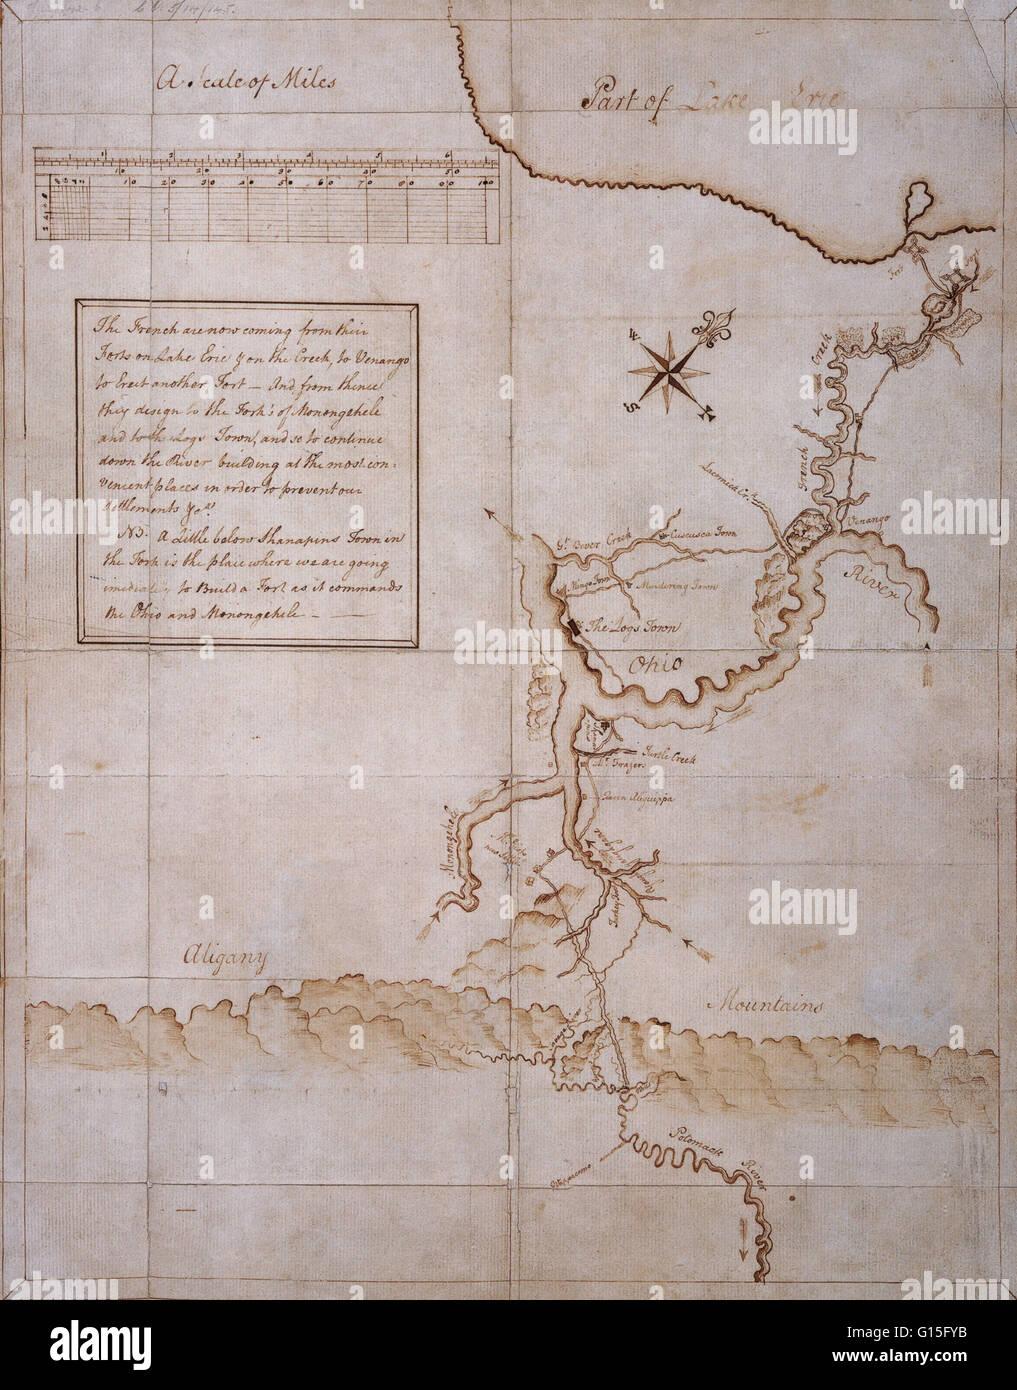 Manoscritto mappa disegnata da George Washington durante la campagna del 1753-54. Immagini Stock